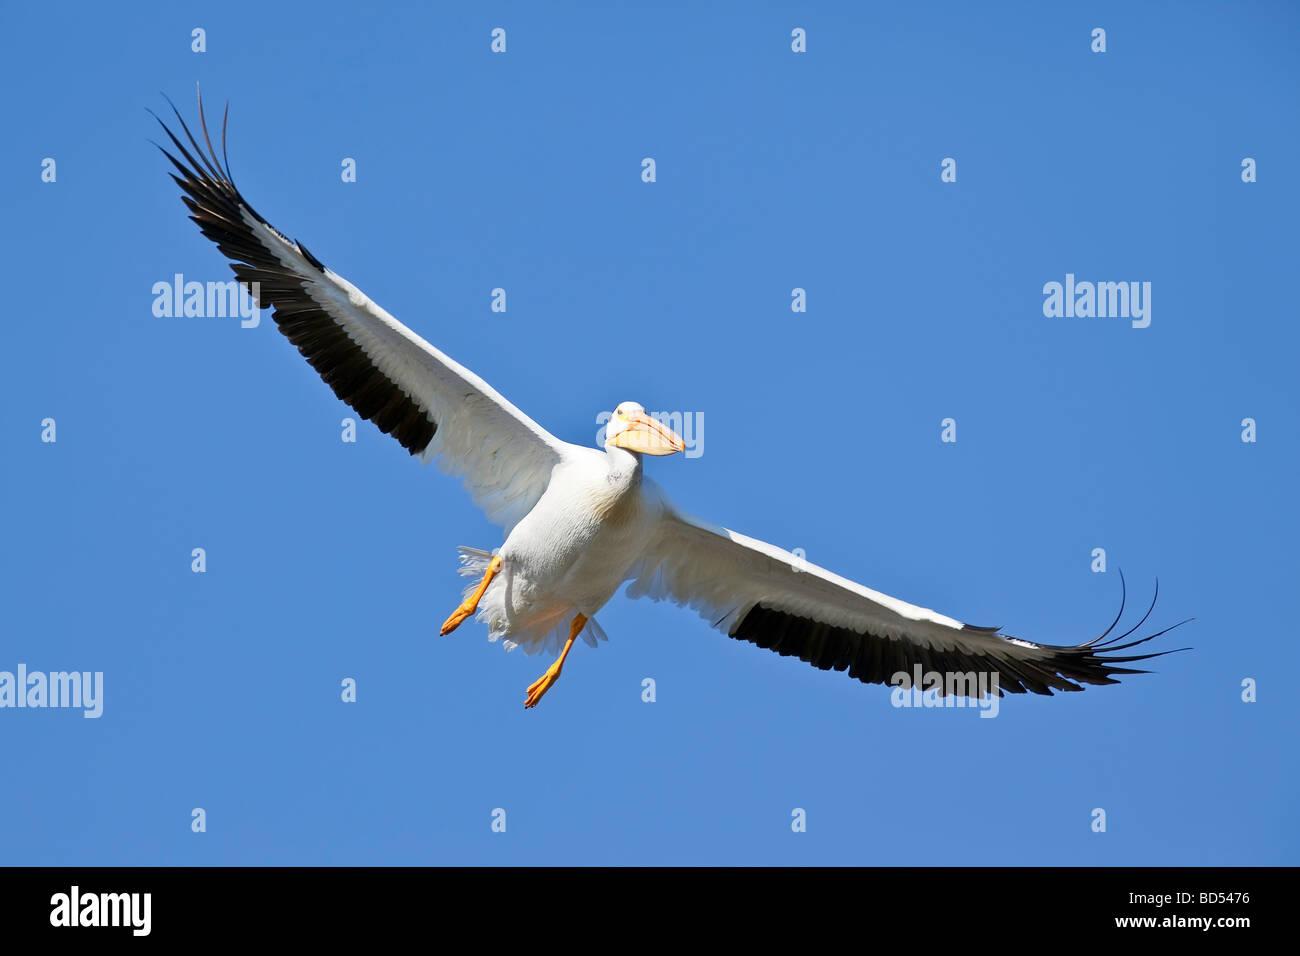 Pélican blanc Pélican à bec ou rugueux (Pelecanus erythrorhynchos), en vol Photo Stock